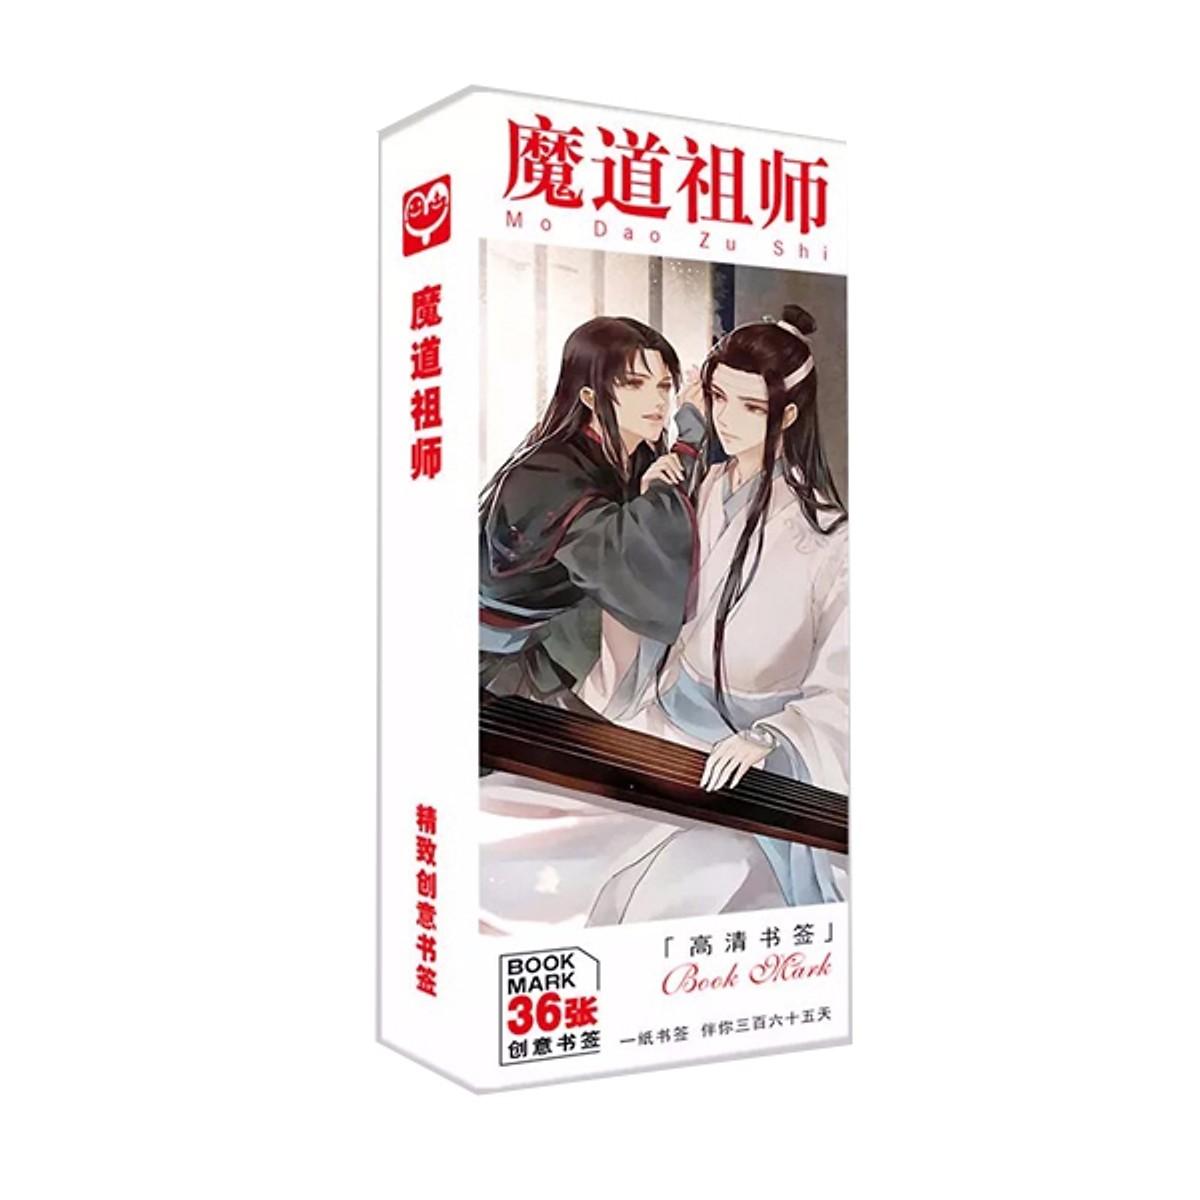 Bookmark ma đạo tổ sư 36 tấm (Tặng móc khóa gỗ BTS thiết kế độc quyền)